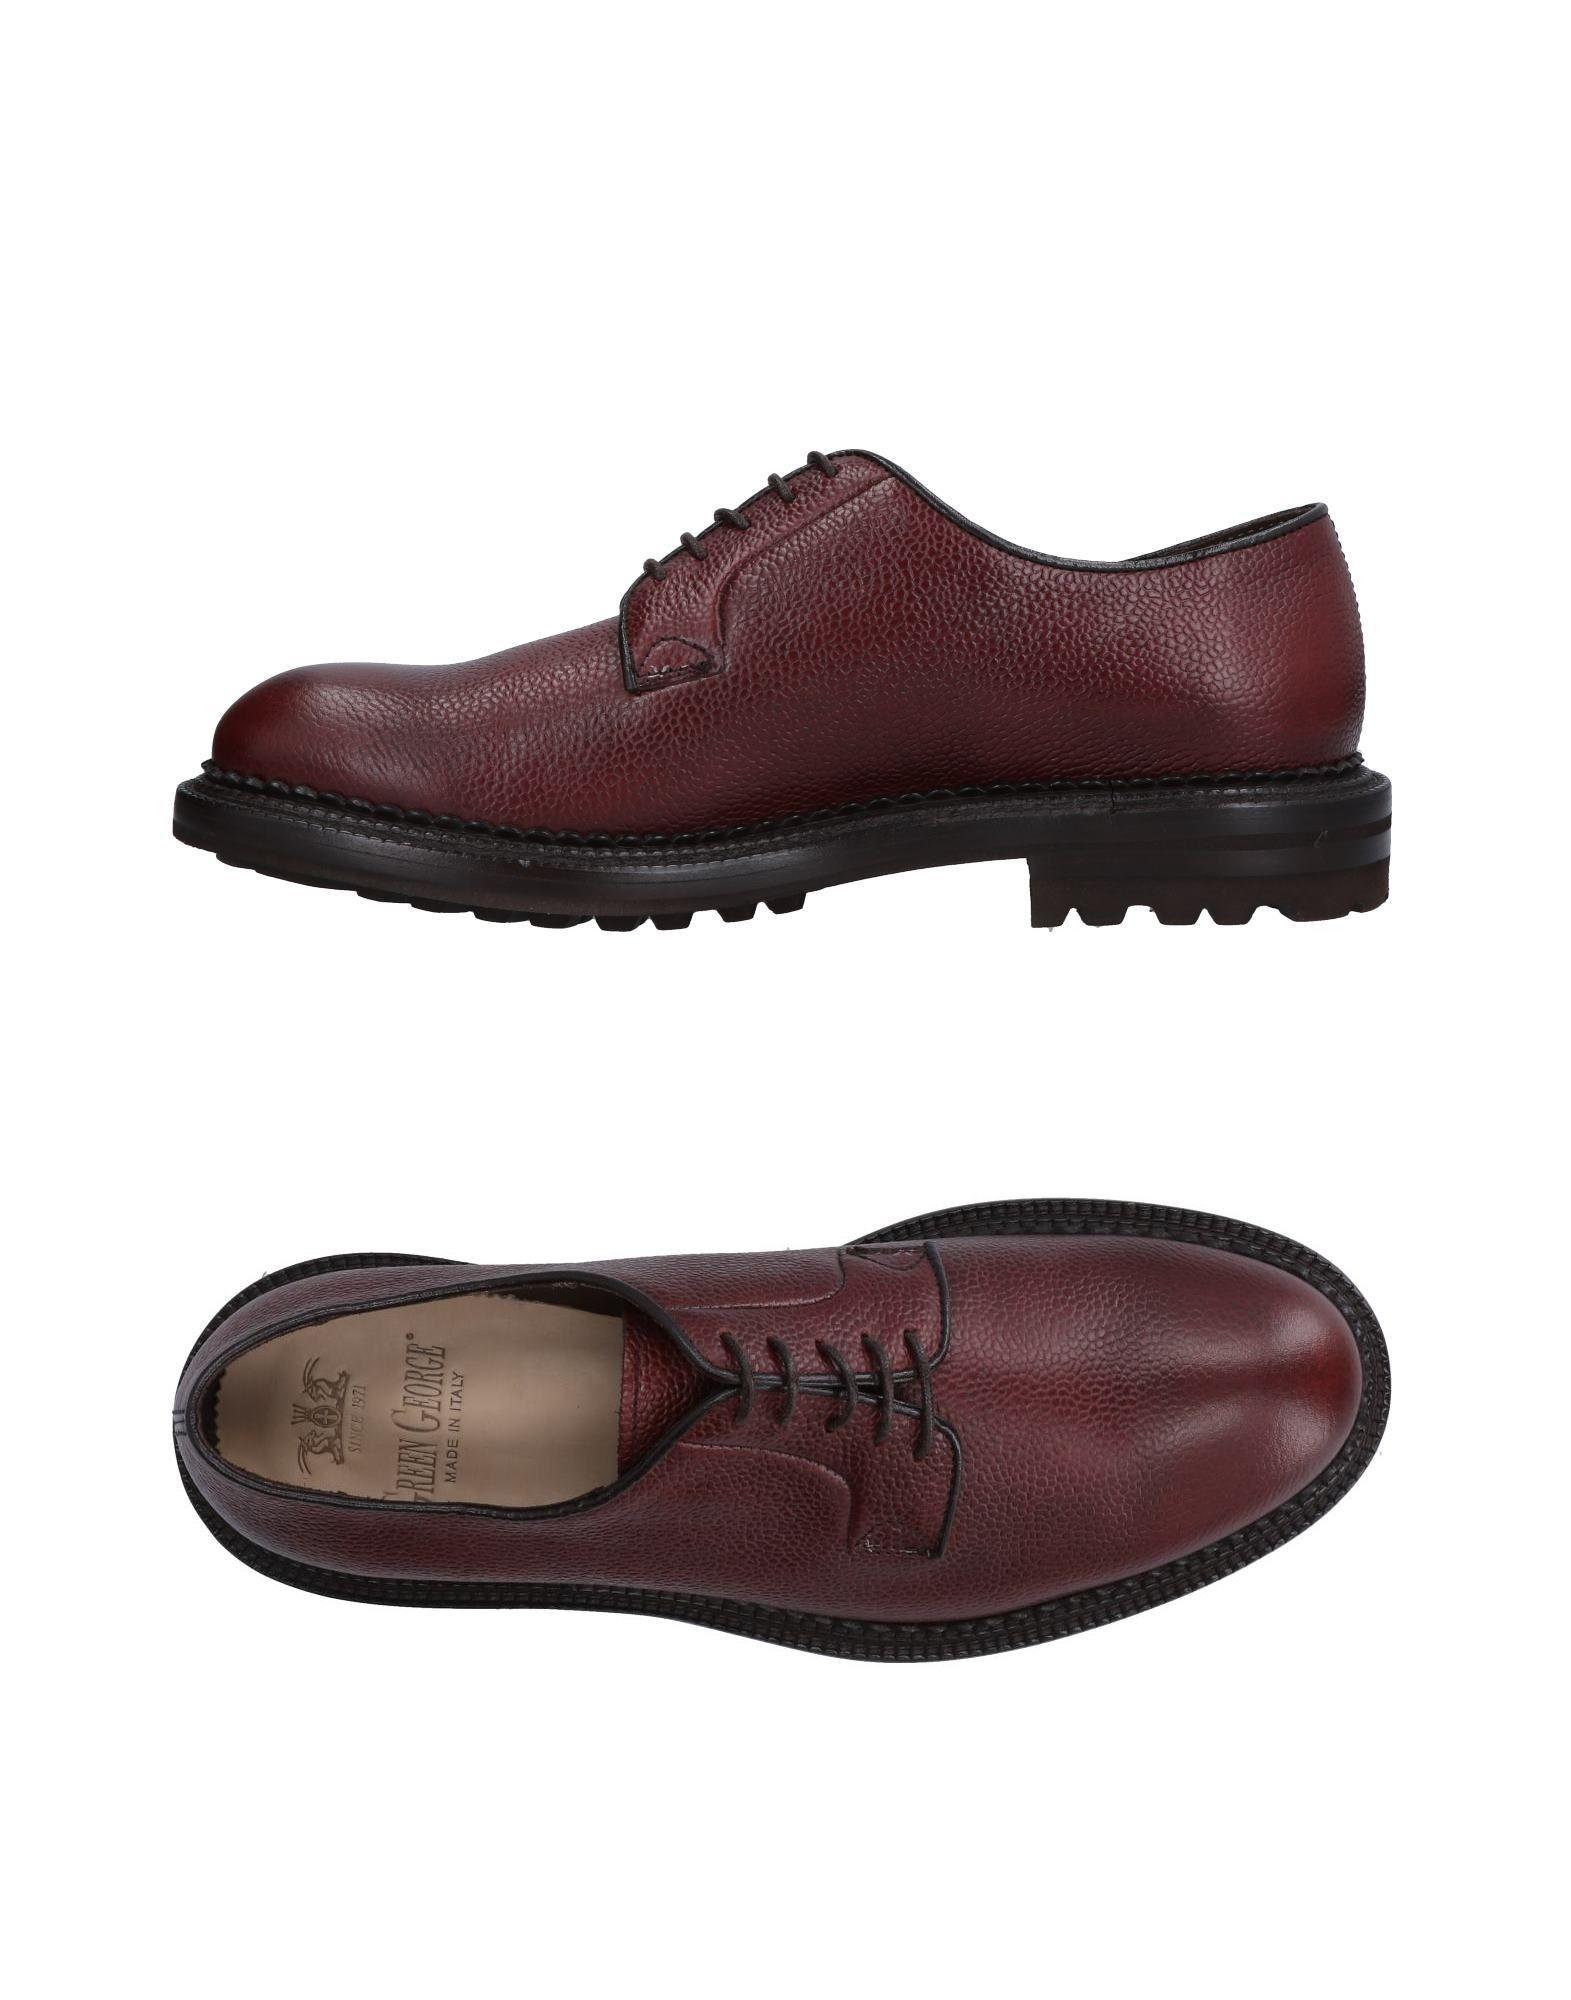 Green George Schnürschuhe Herren  11505607SM Gute Qualität beliebte Schuhe